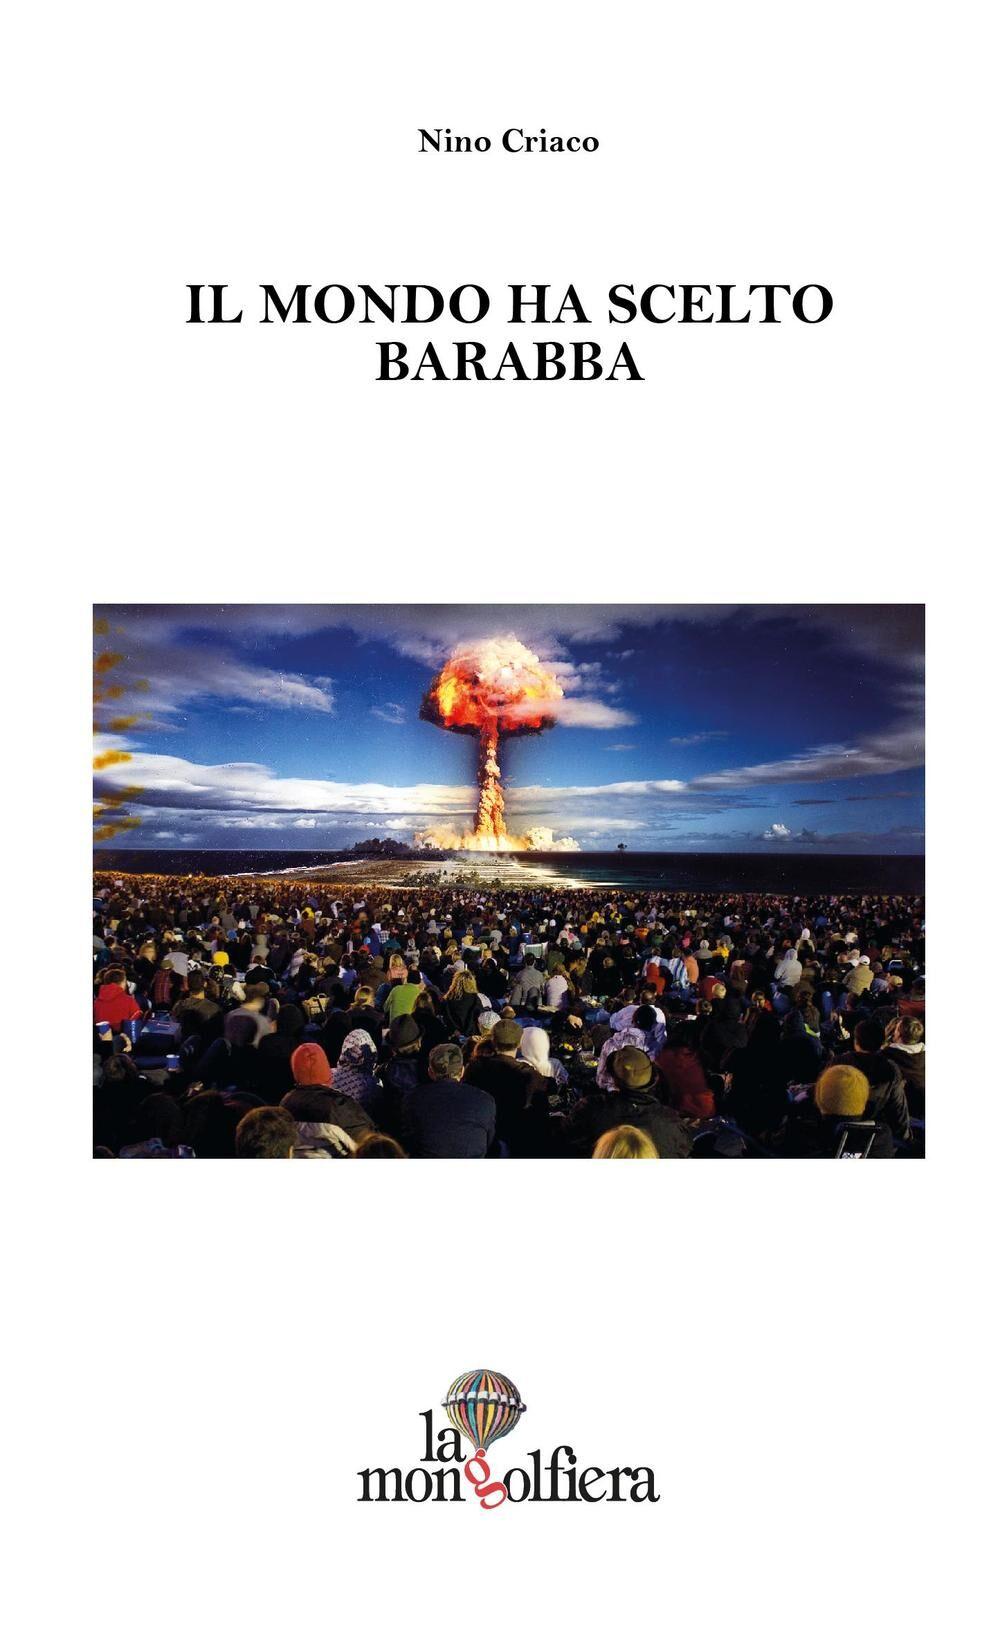 Il mondo ha scelto Barabba